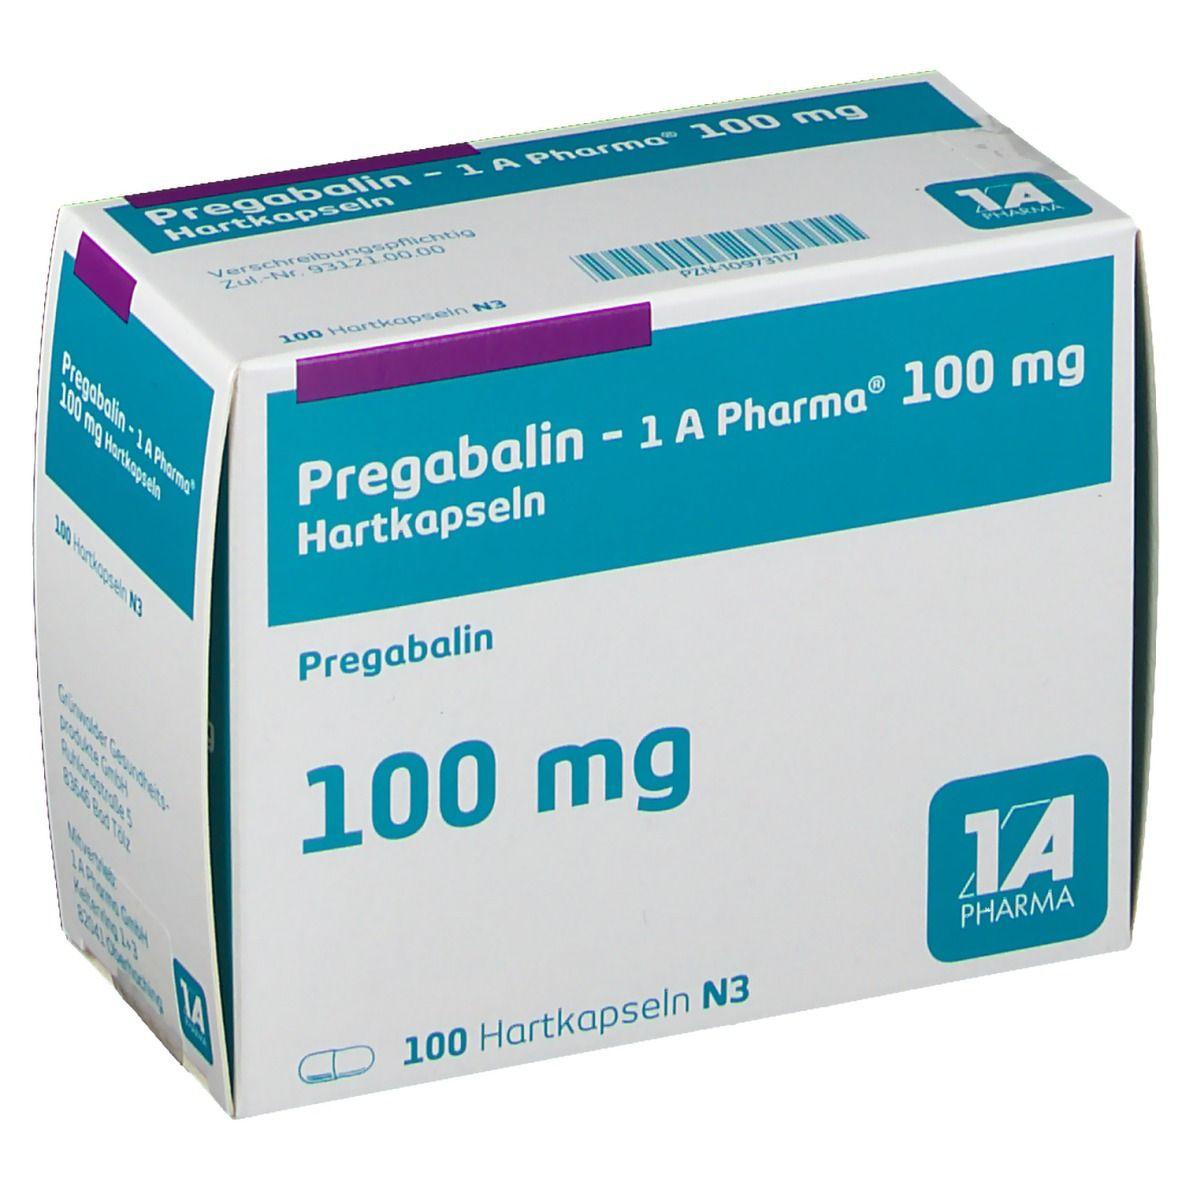 SILDENAFIL AbZ 100 mg Filmtabletten - shop-apotheke.com